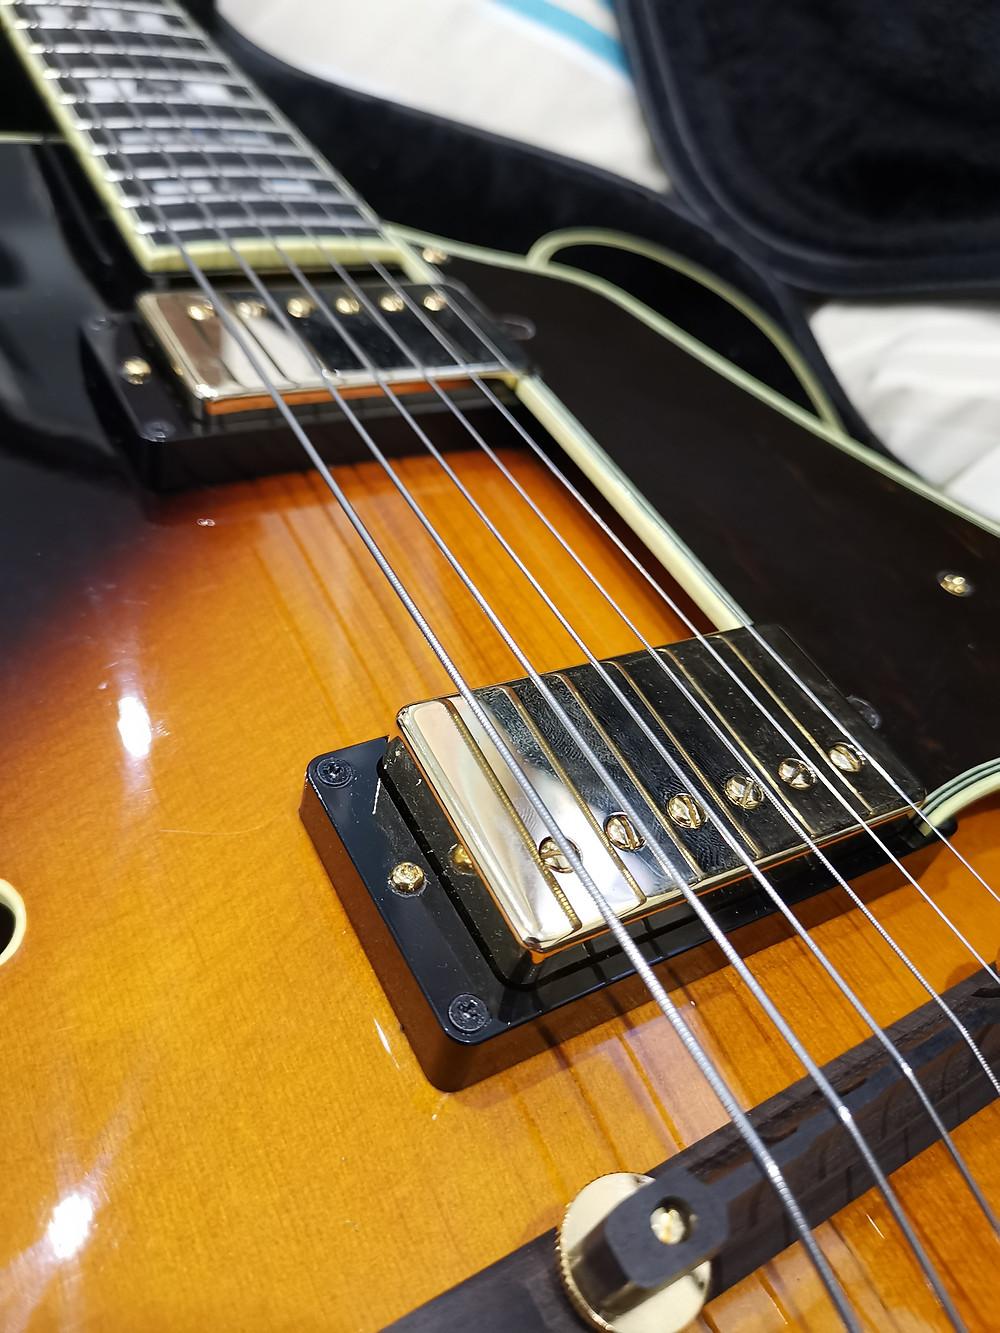 Ibanez Af-200, Radioshop, Pickups, Upgrade, Jazz, 'The Electric Spanish PAF', Luthier